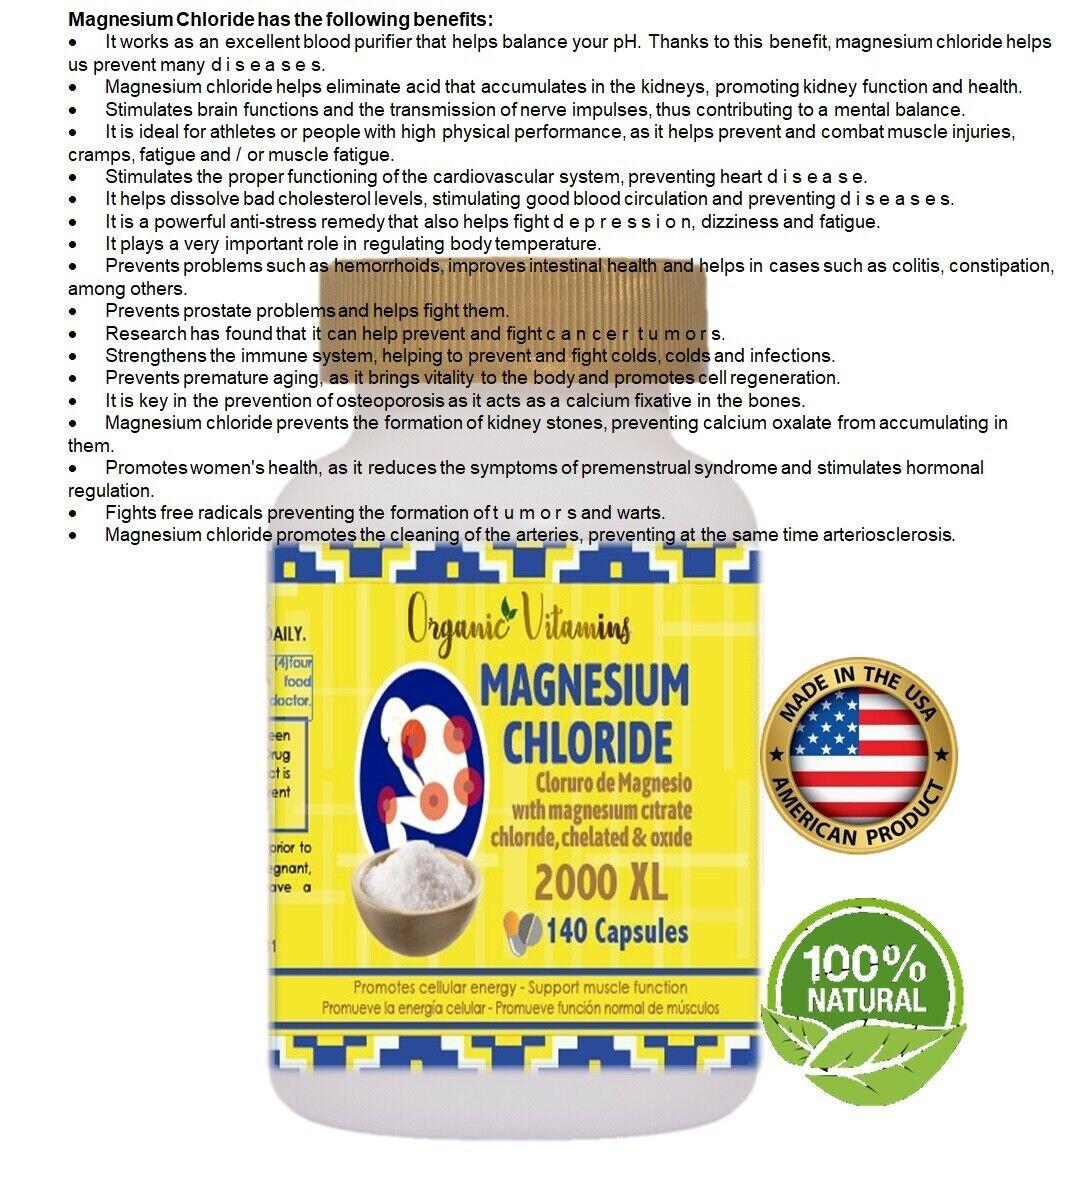 MAGNESIUM CHLORIDE MAXICLORURO 2000 140 CAPSULES CLORURO DE MAGNESIO 8